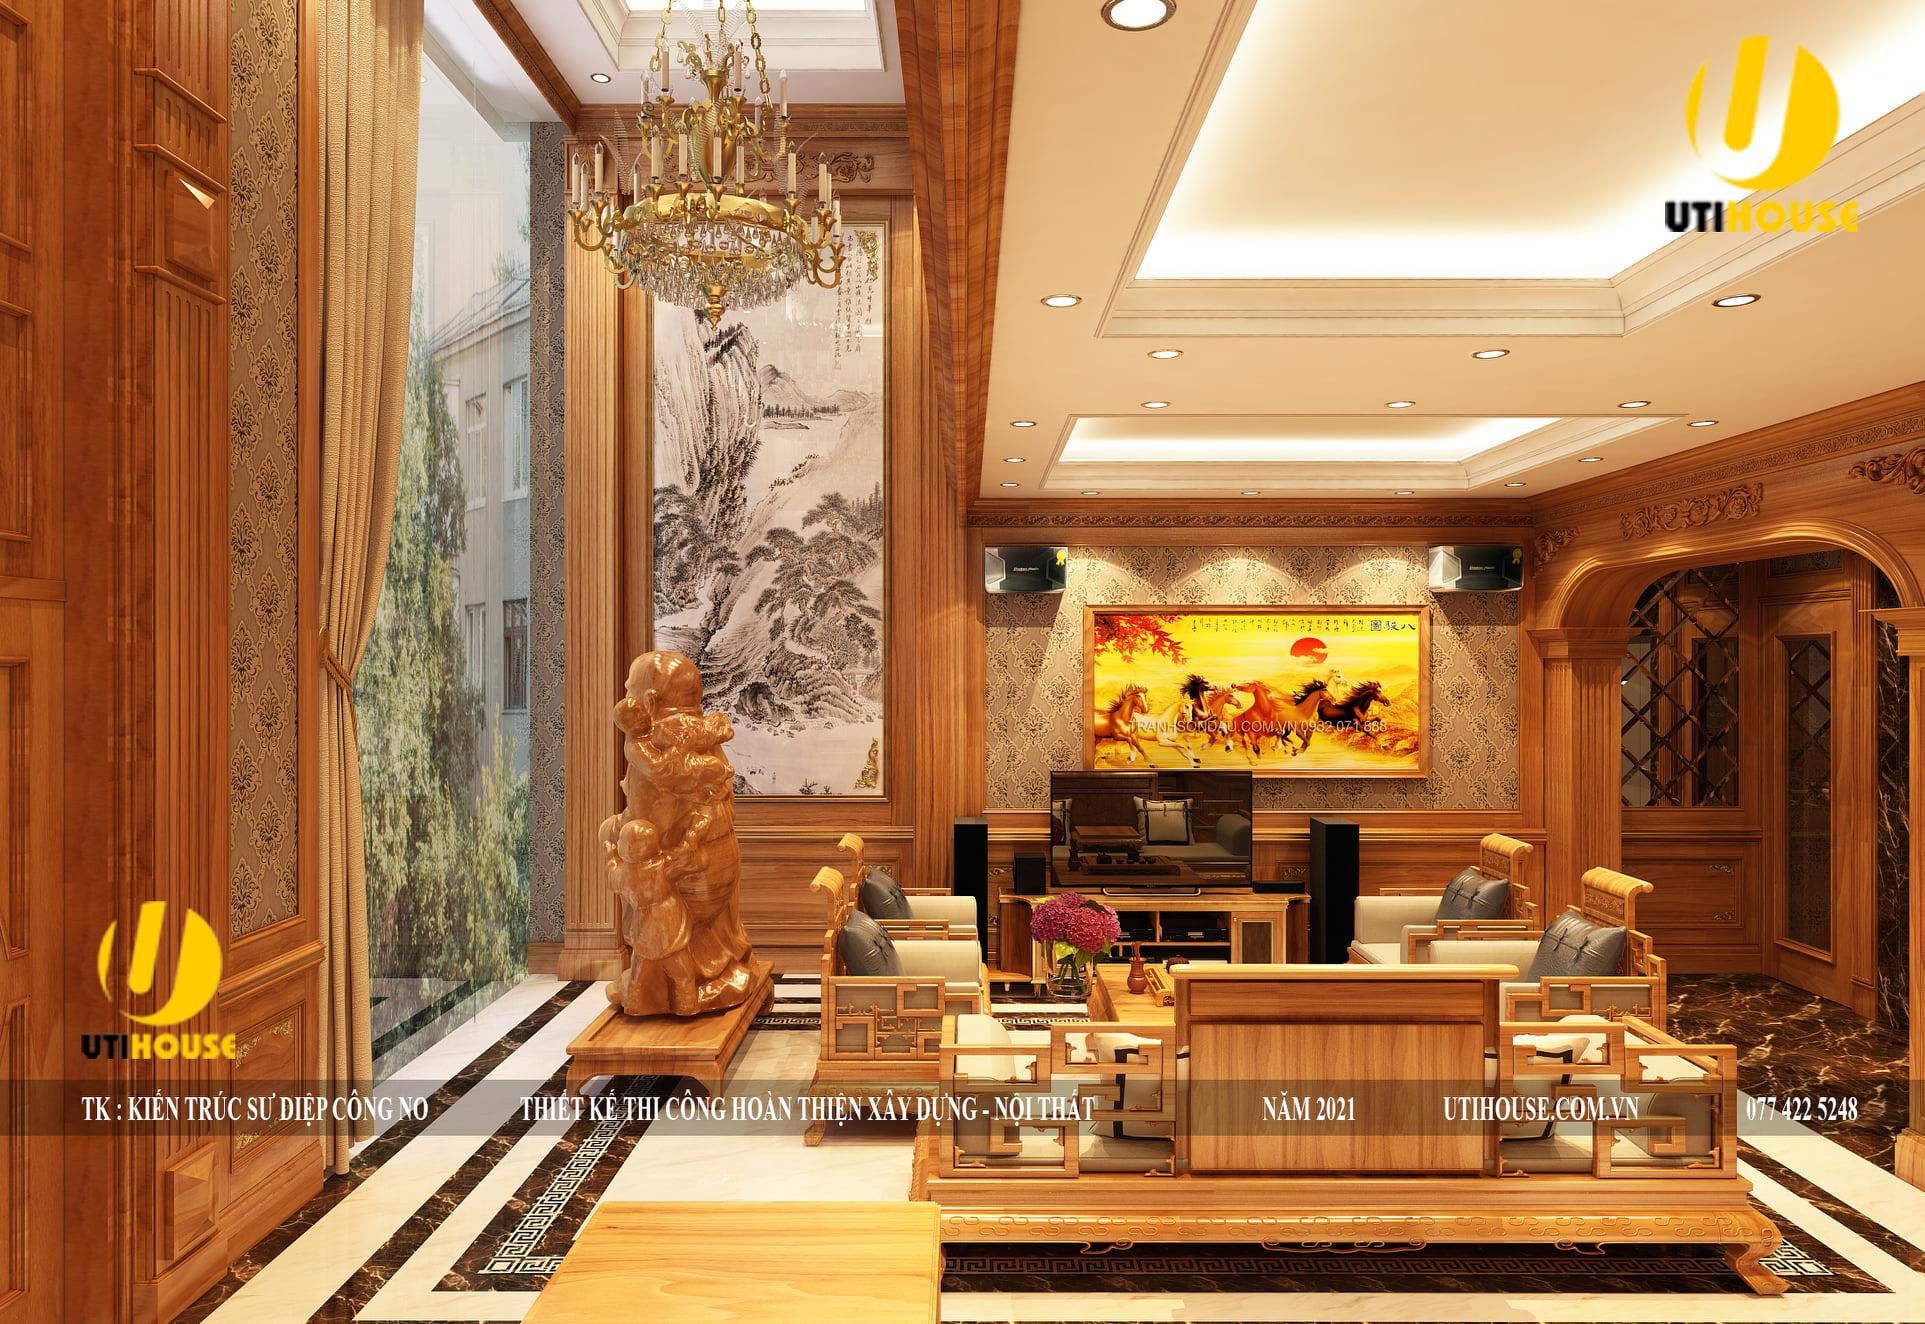 10+ mẫu thiết kế nội thất phòng khách biệt thự sang trọng, sáng tạo nhất 2021